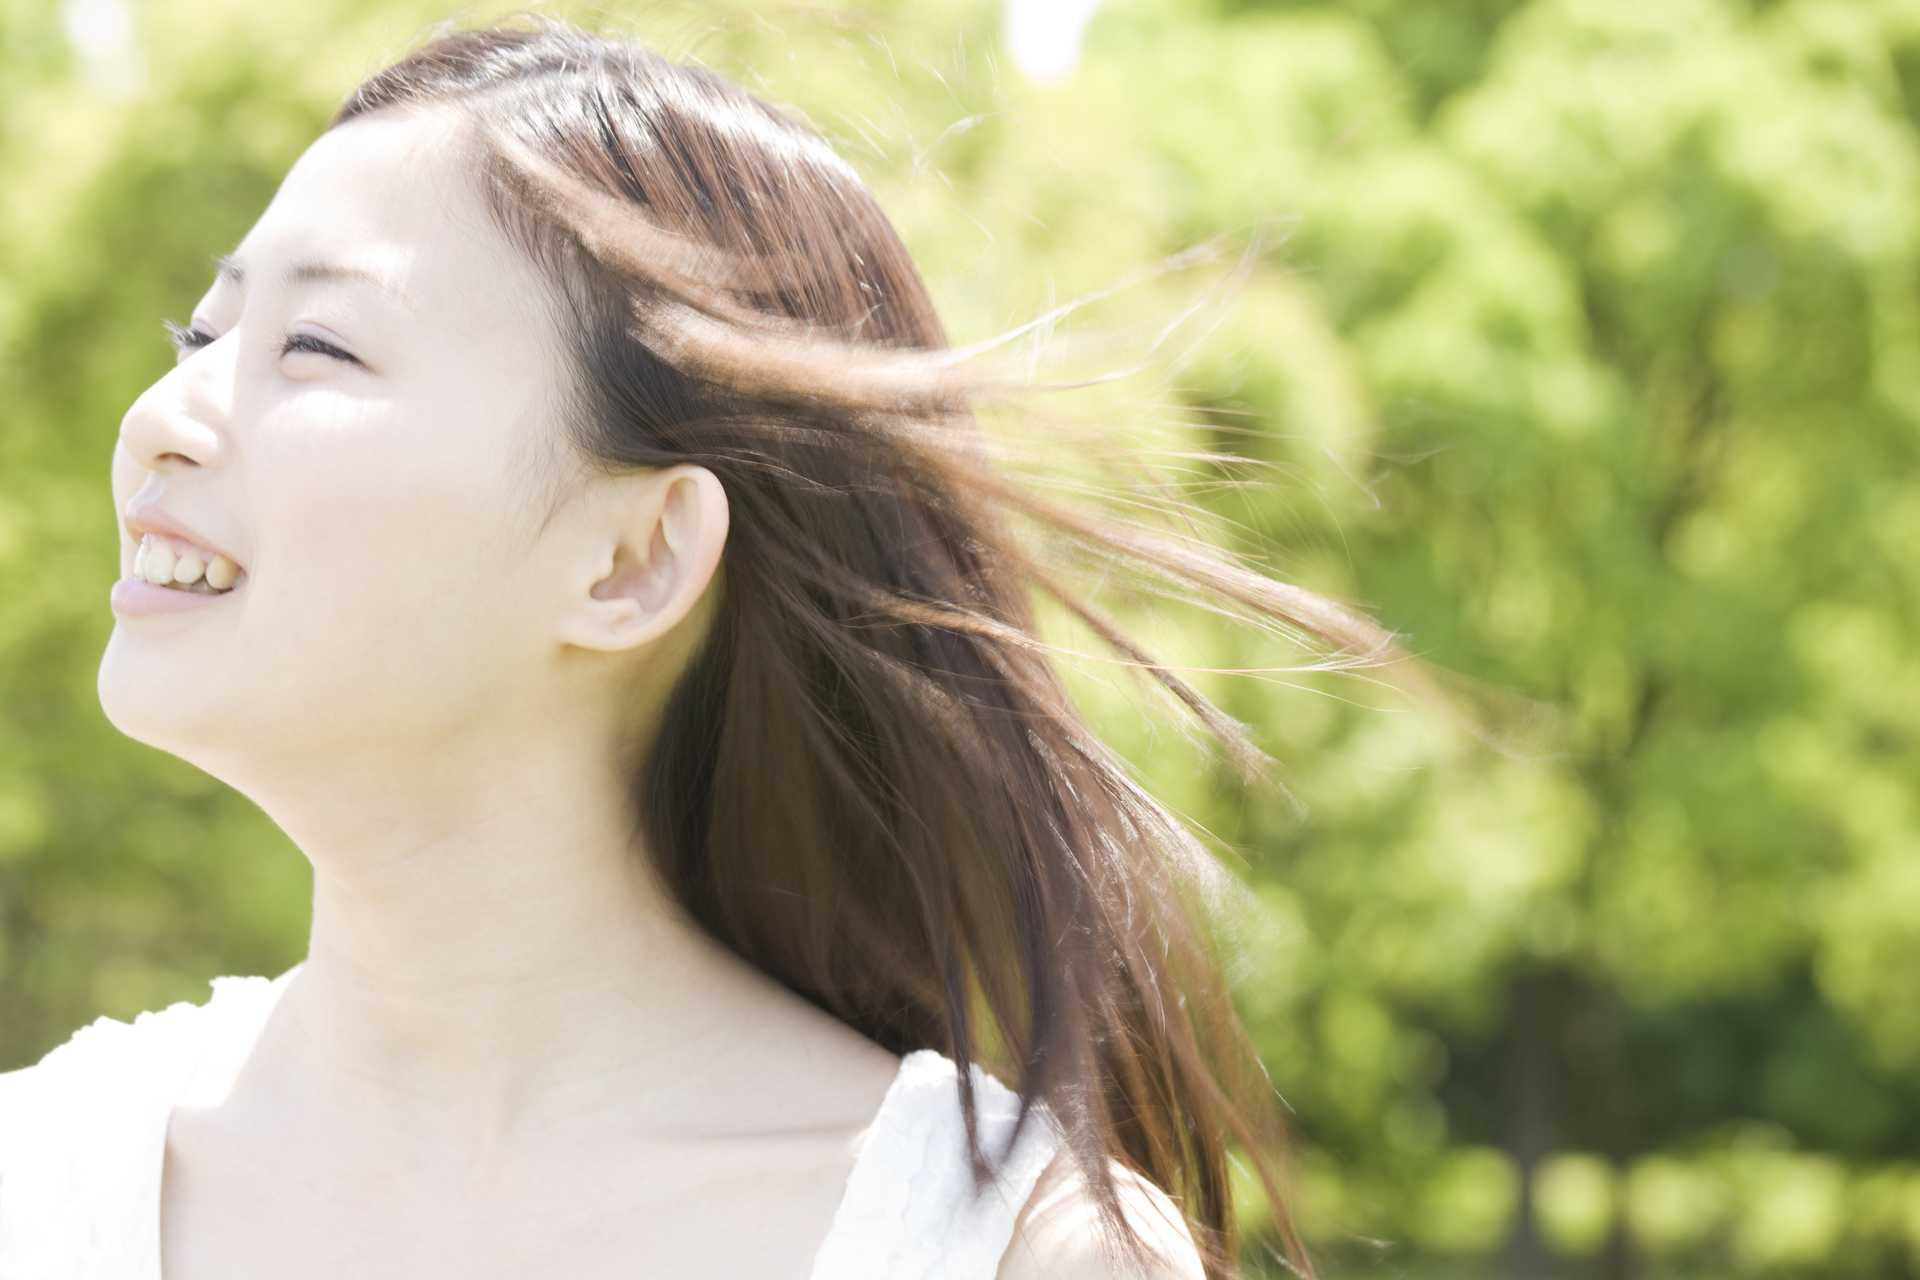 忙しいと、気持ちのいい風の存在を、忘れがちになる。 | 幸せな気分になる30の方法